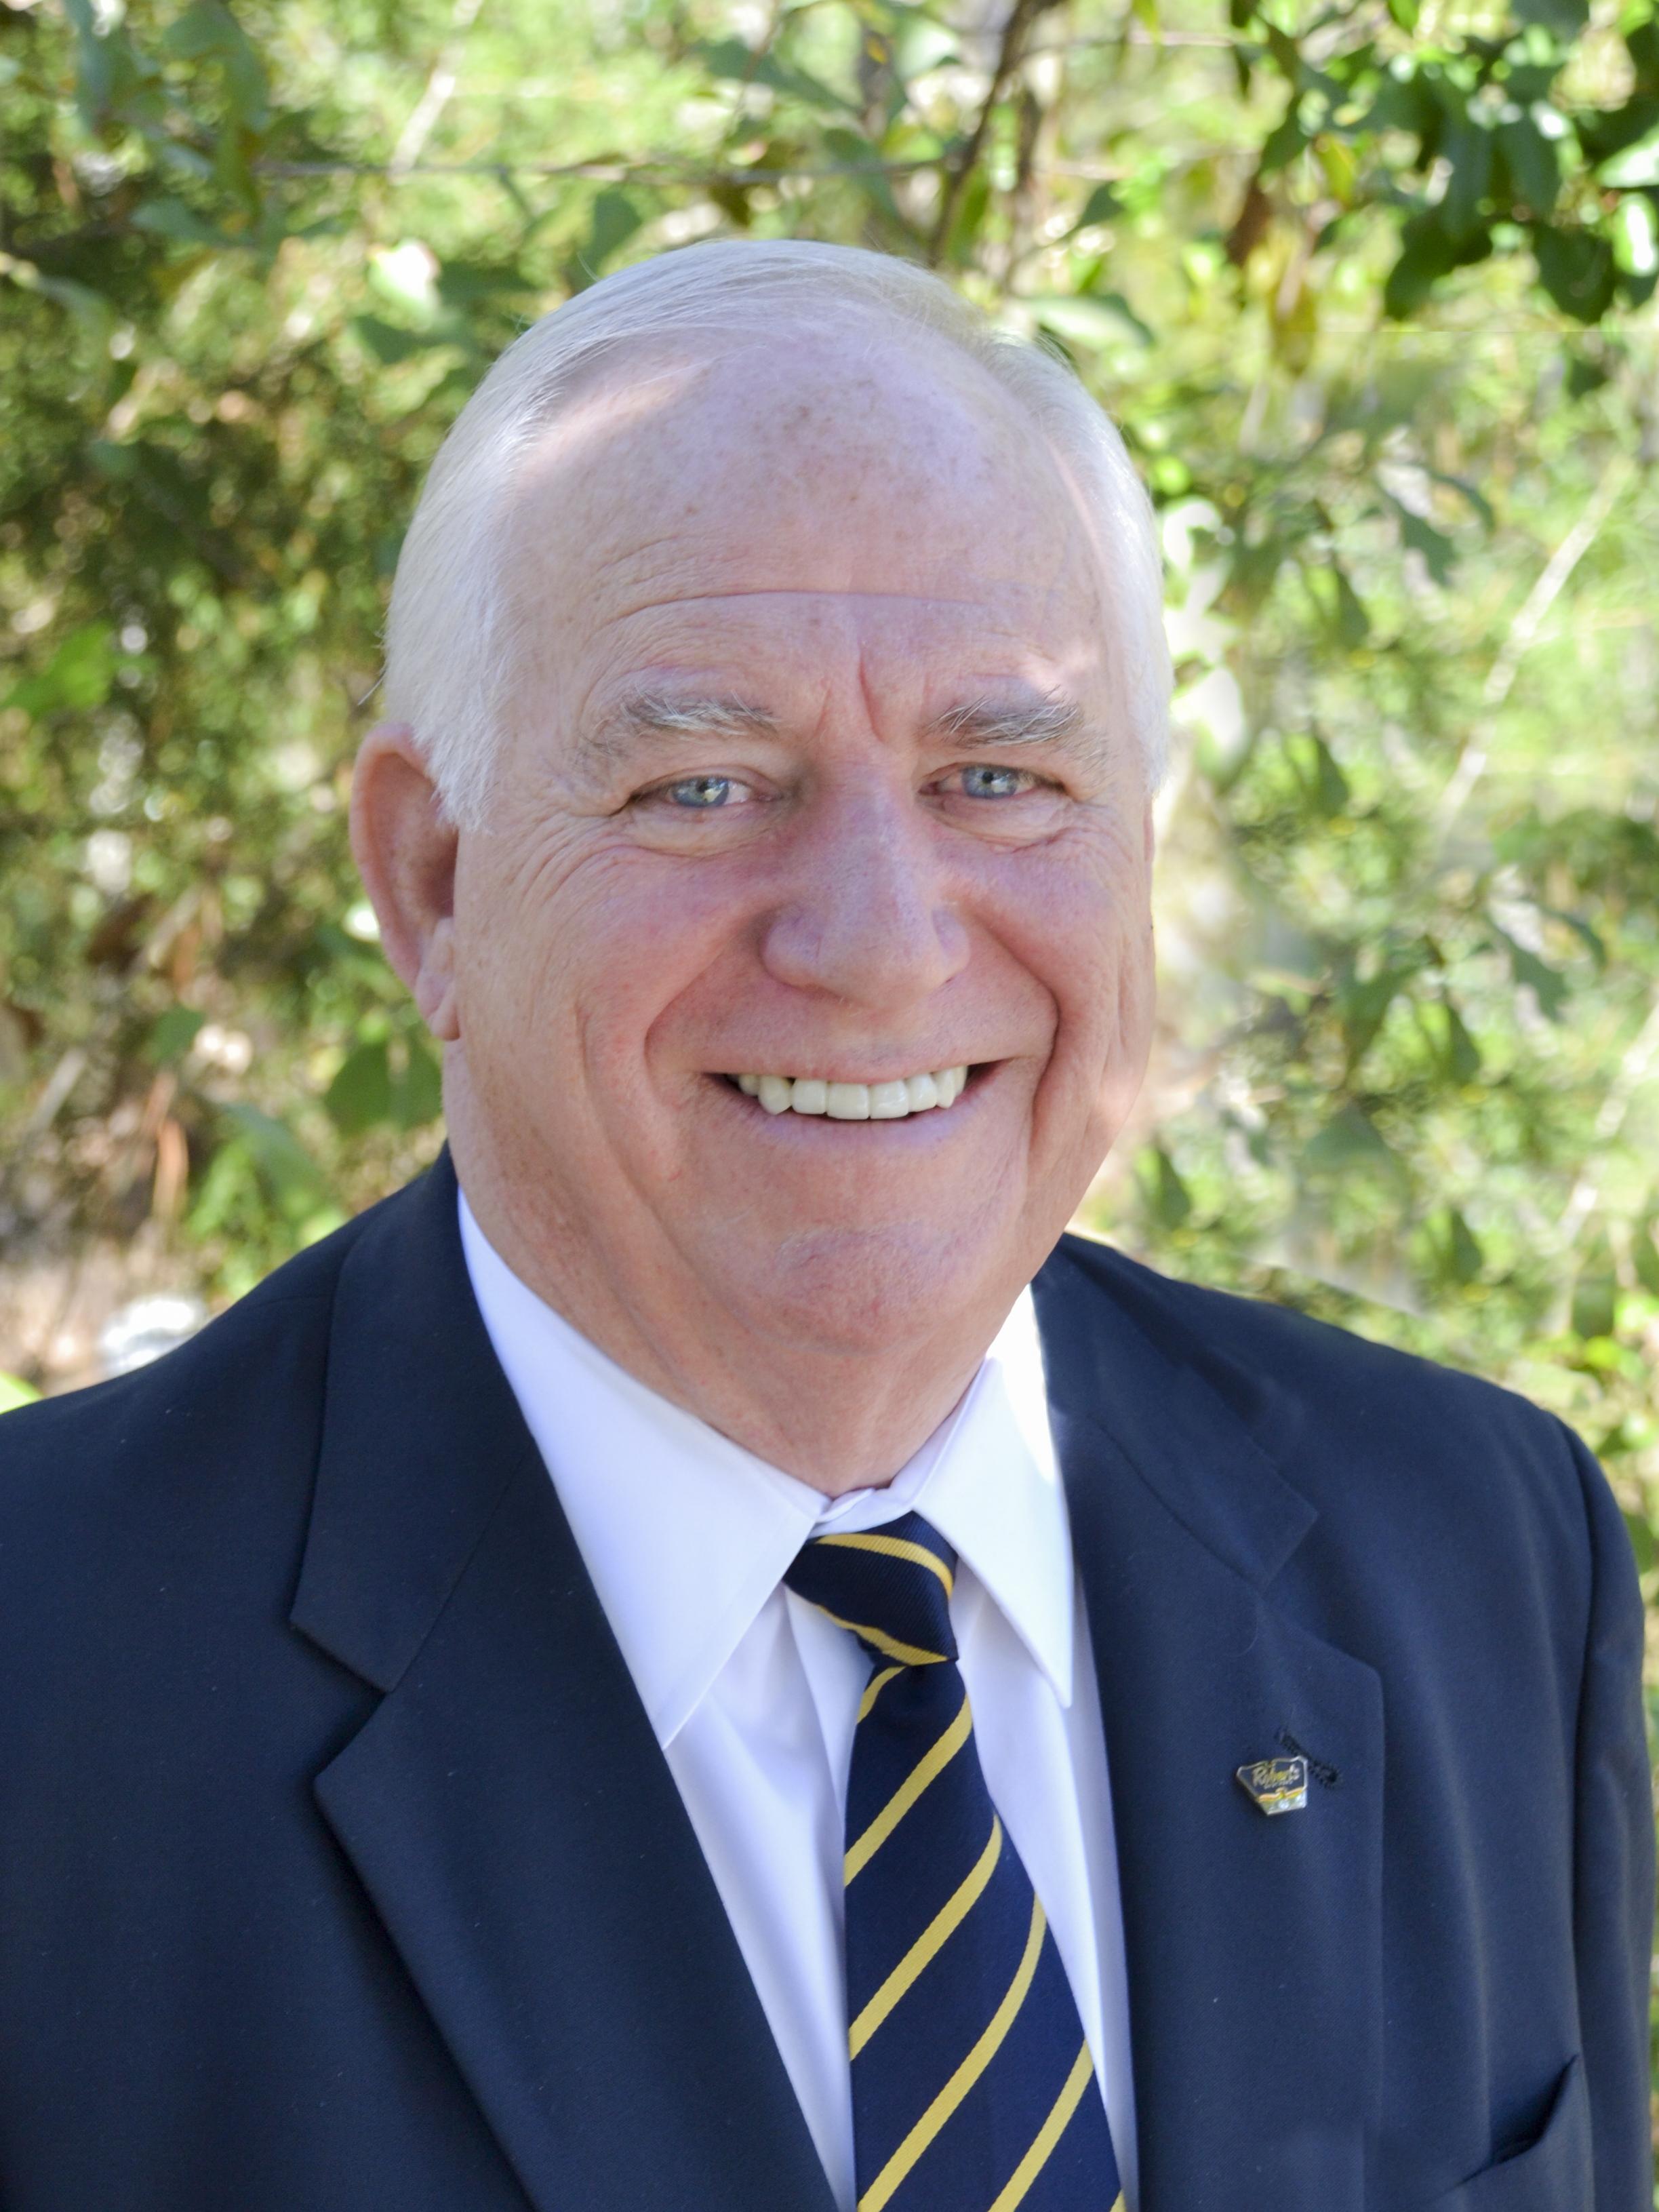 Billy Heath